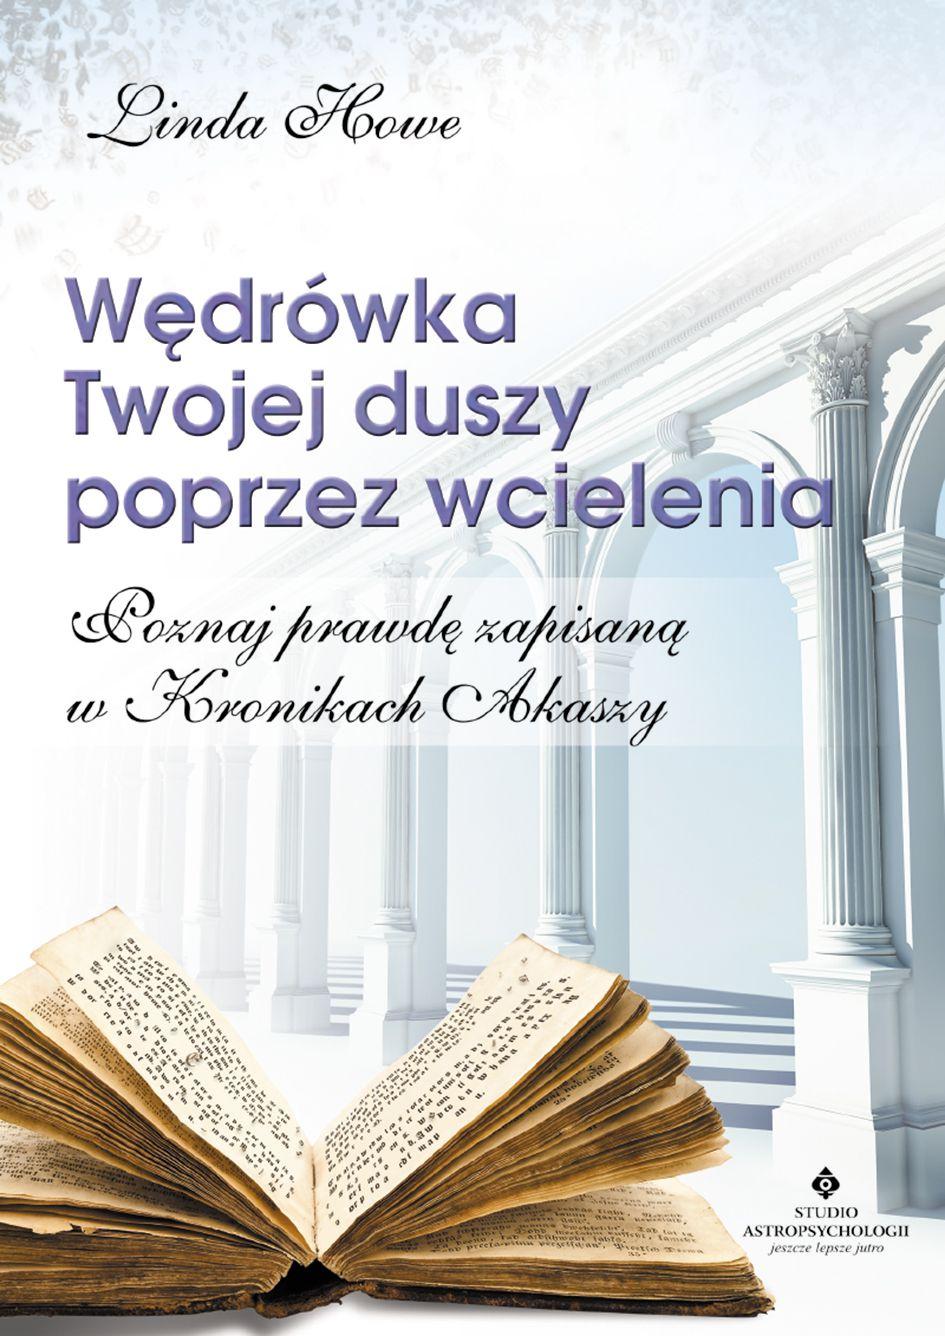 Wędrówka Twojej duszy poprzez wcielenia. Poznaj prawdę zapisaną w Kronikach Akaszy - Ebook (Książka na Kindle) do pobrania w formacie MOBI